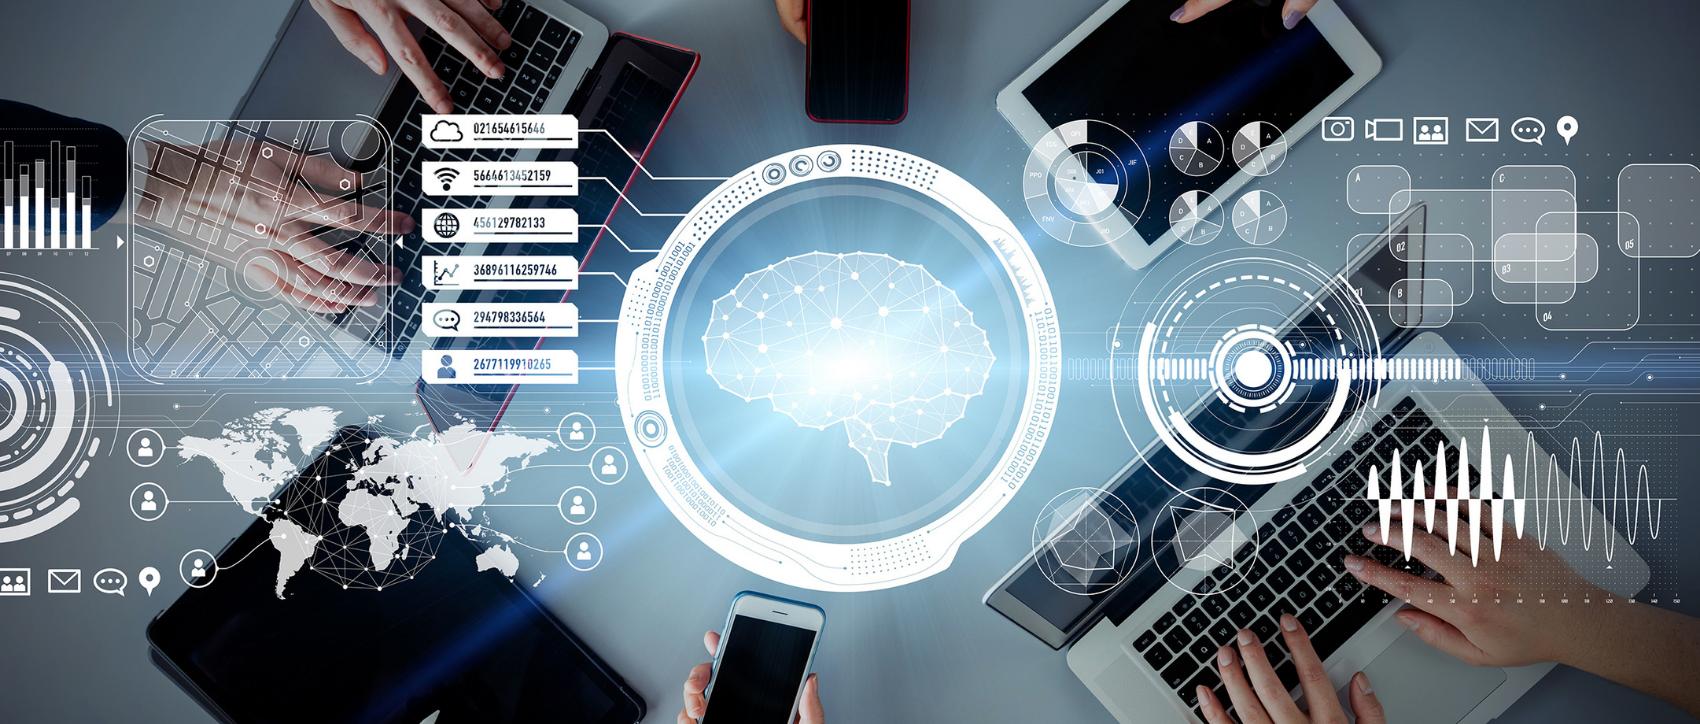 ensemble de technologies qui rassemble des stratégies